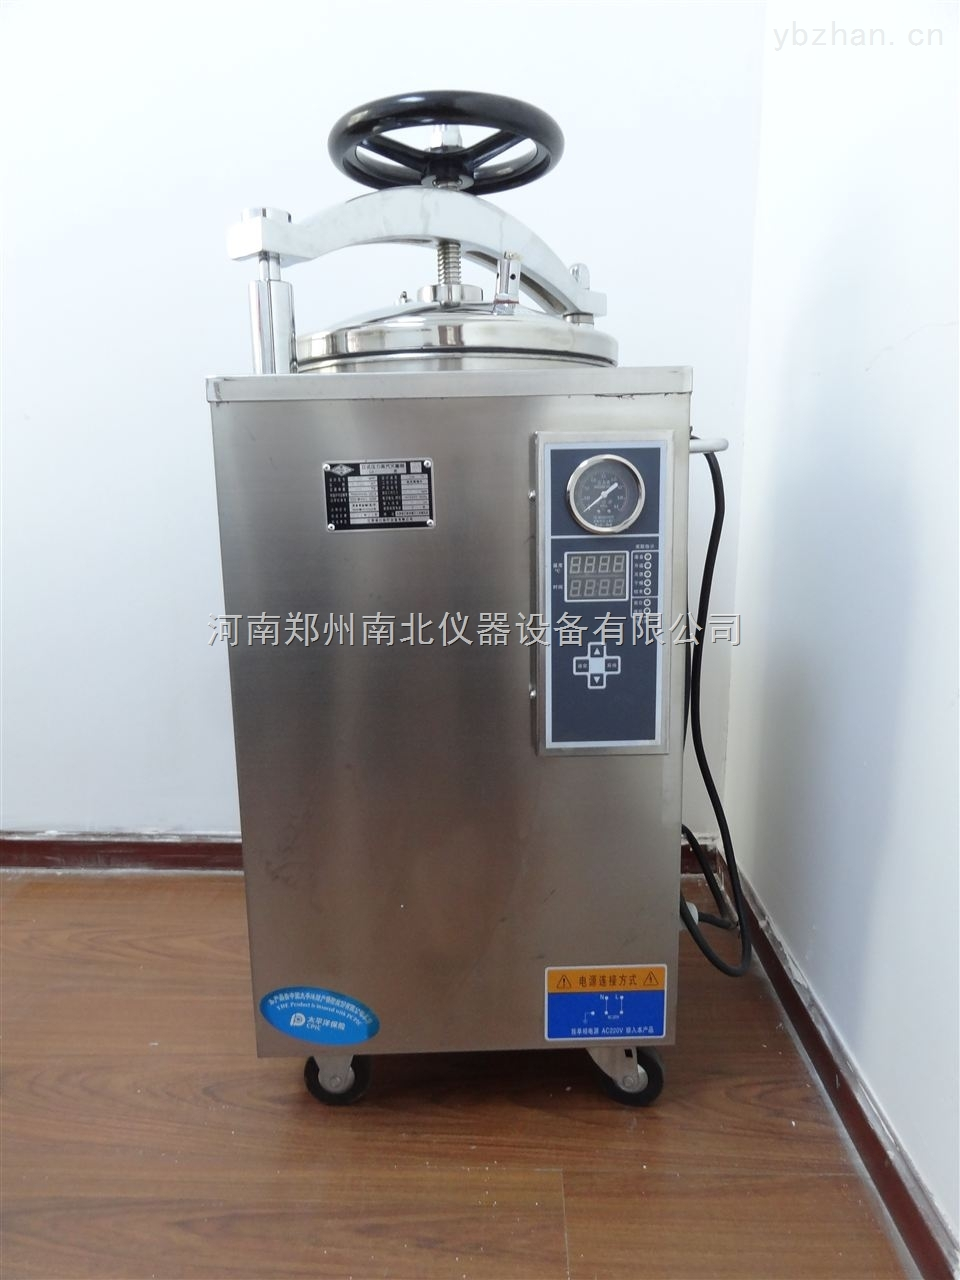 医用高压蒸汽灭菌器,蒸汽灭菌器价格